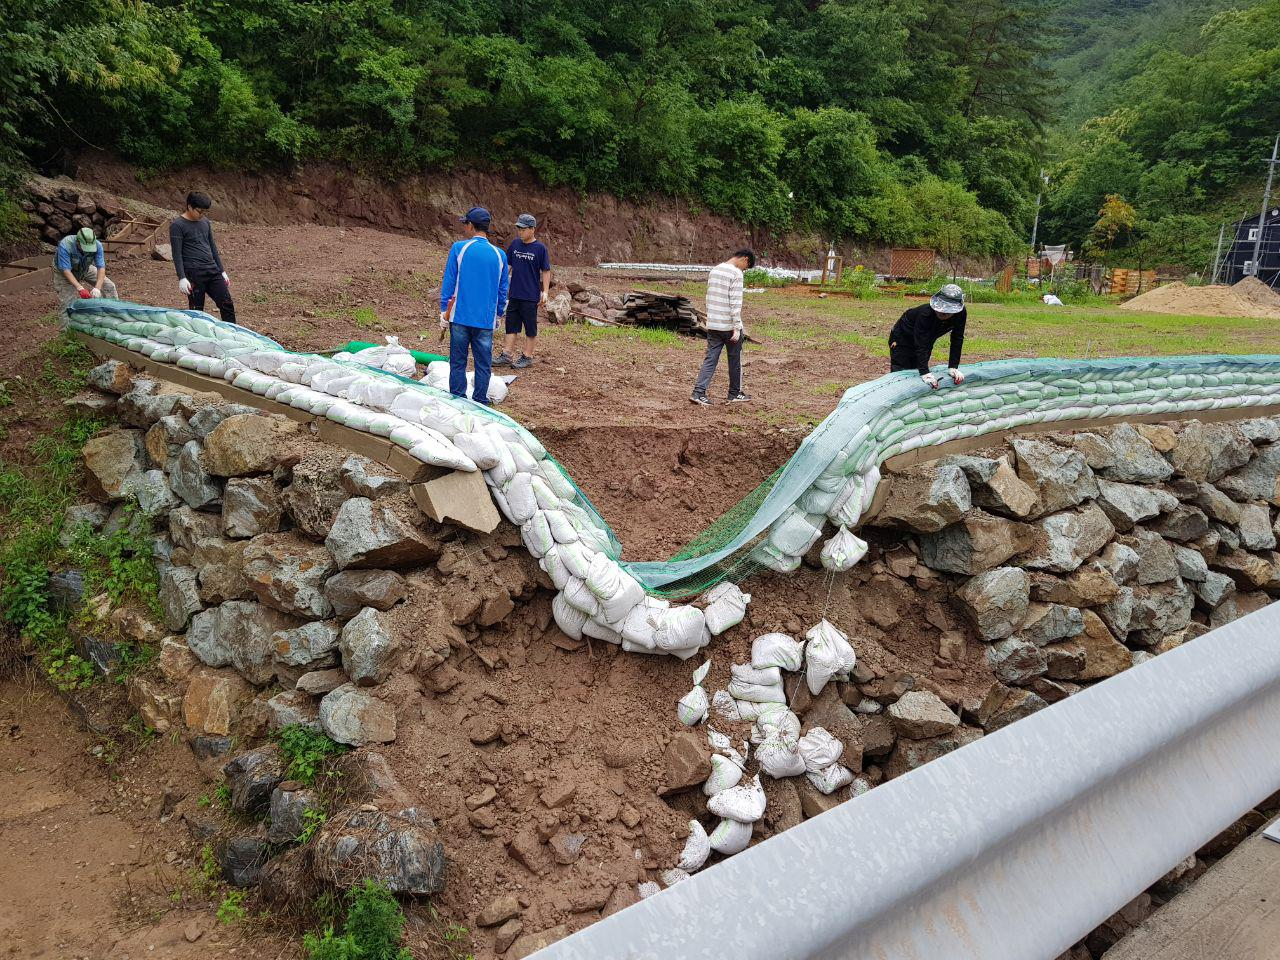 석축이 무너지면서 땅이 허물어졌다.